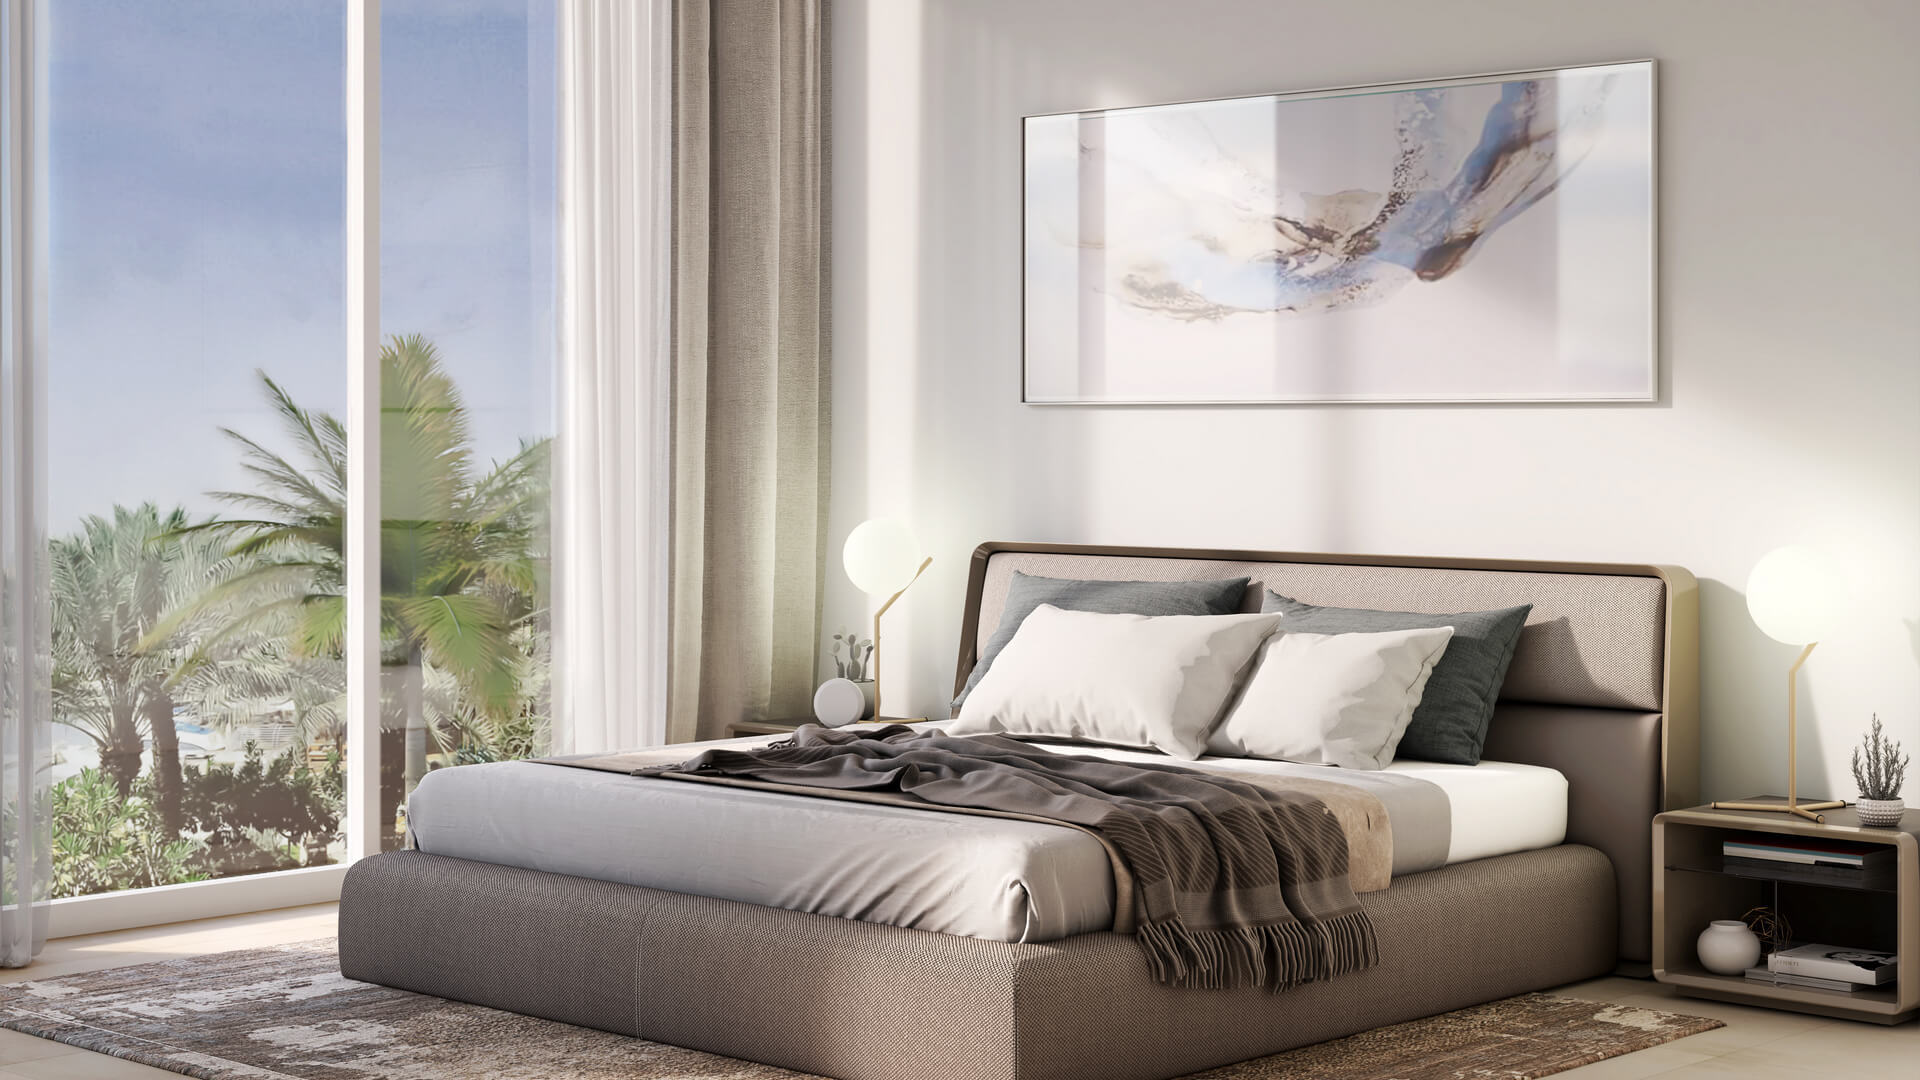 Villa en venta en Dubai, EAU, 3 dormitorios, 176 m2, № 24328 – foto 4